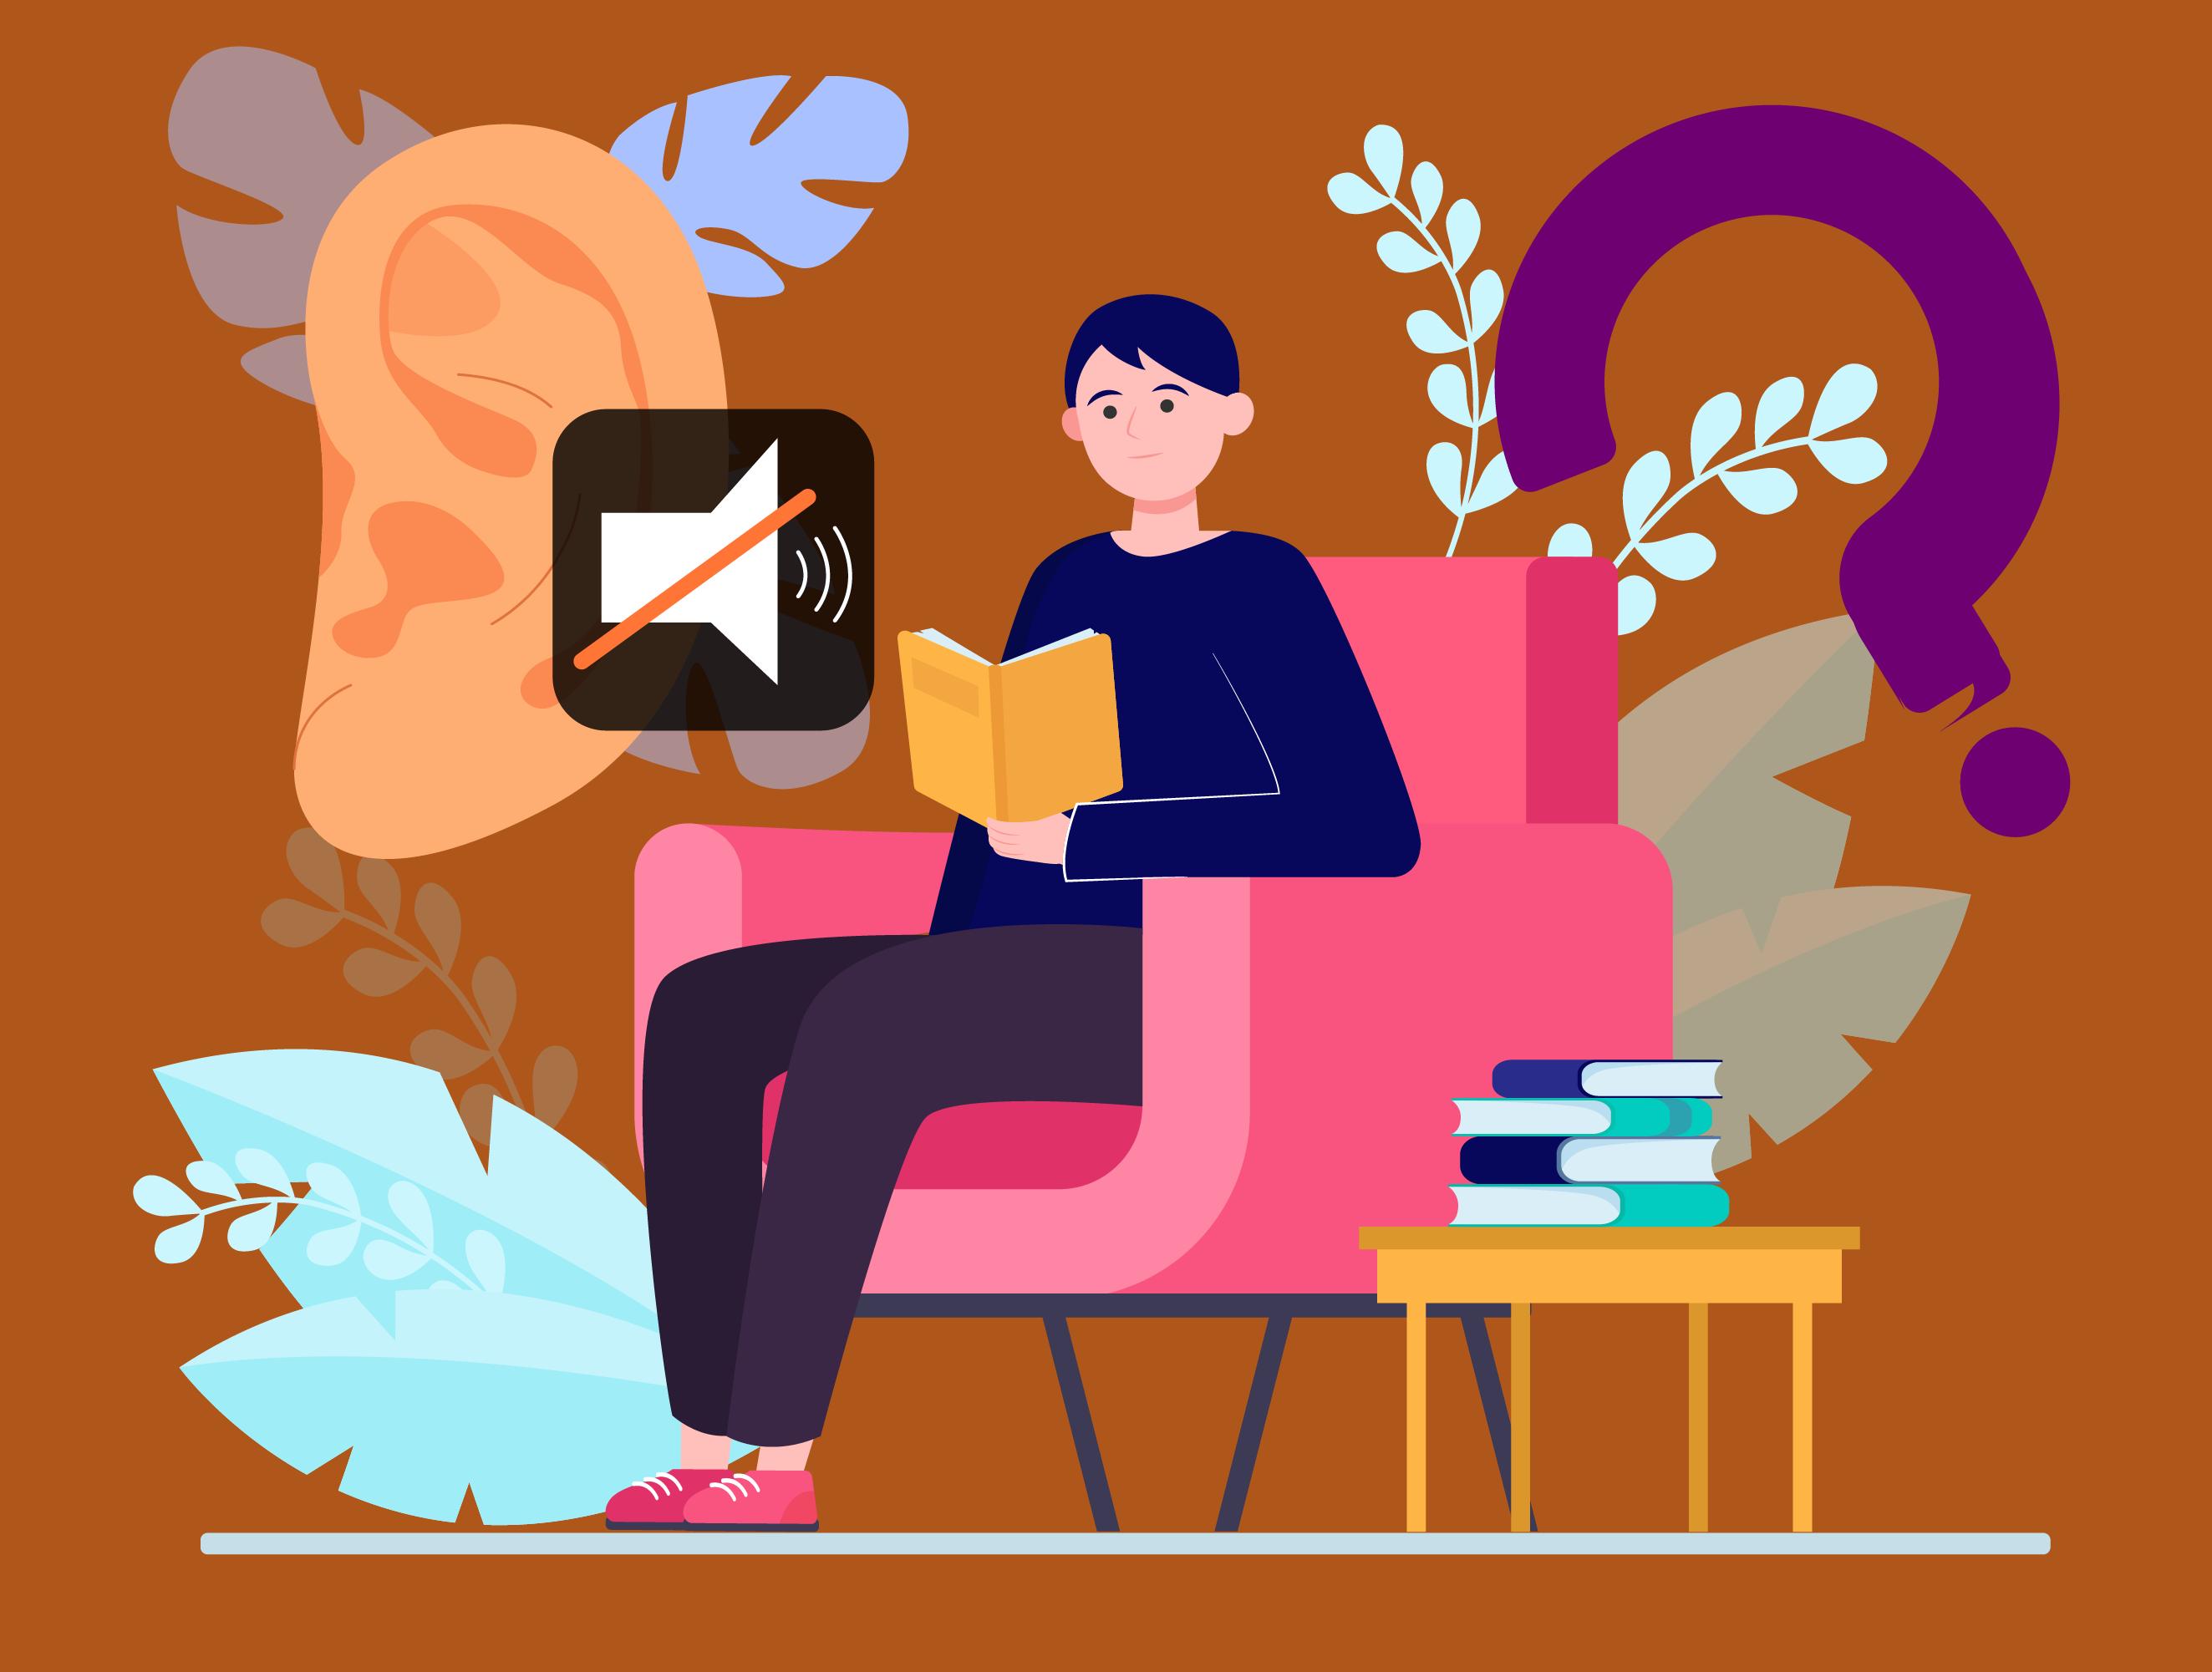 Turuncu fonda pembe bir koltukta otup kitap okuyan erkek çizimi. Solunda bir kulak çizimi. Kulağın üstünde megafon üstünde bir çarpı işareti. Sağda mor soru işareti.